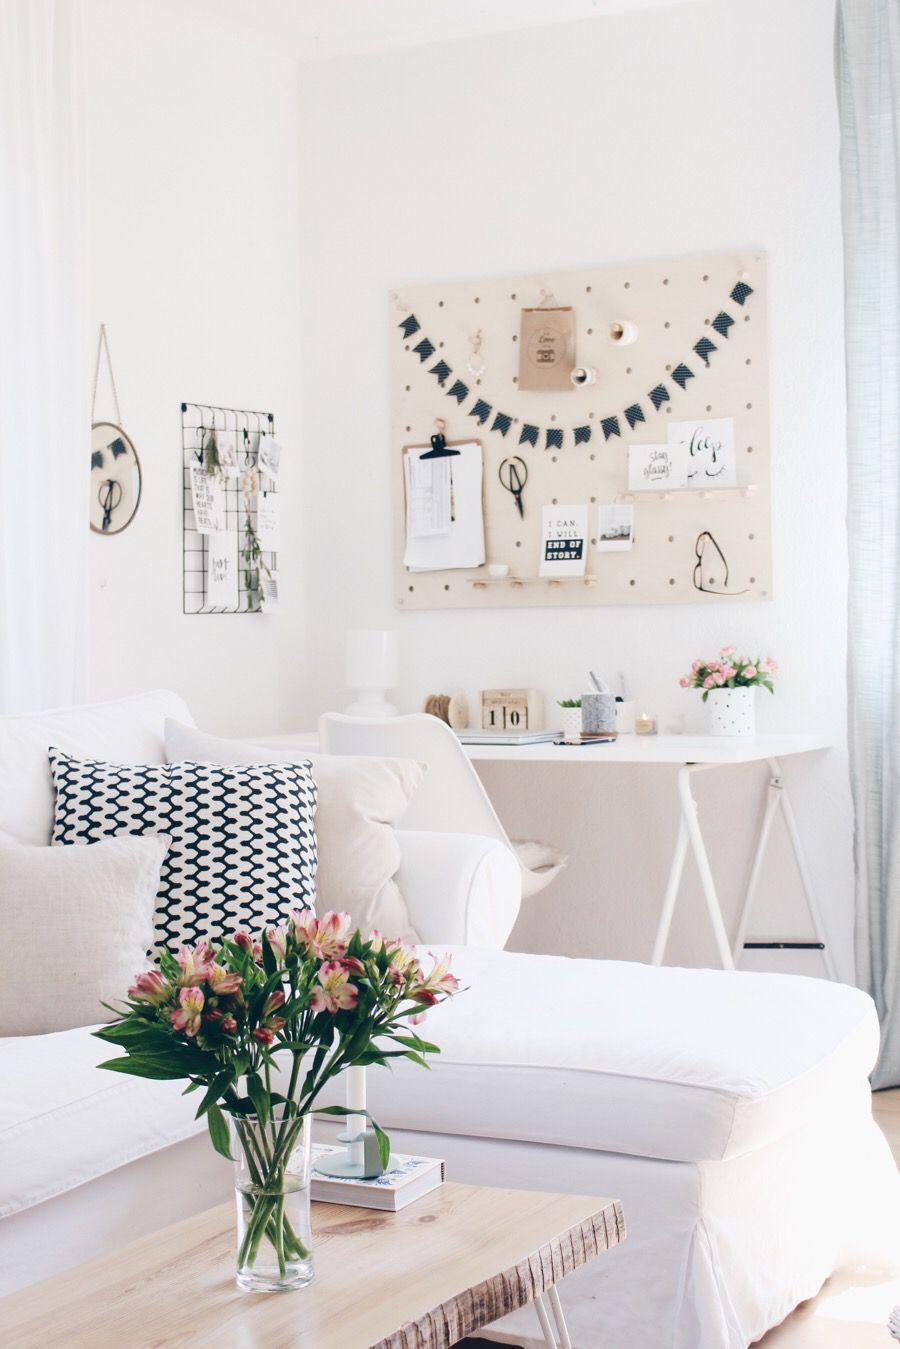 arbeitsecke im wohnbereich boho and nordic pinterest wohnen arbeit und wohnbereich. Black Bedroom Furniture Sets. Home Design Ideas